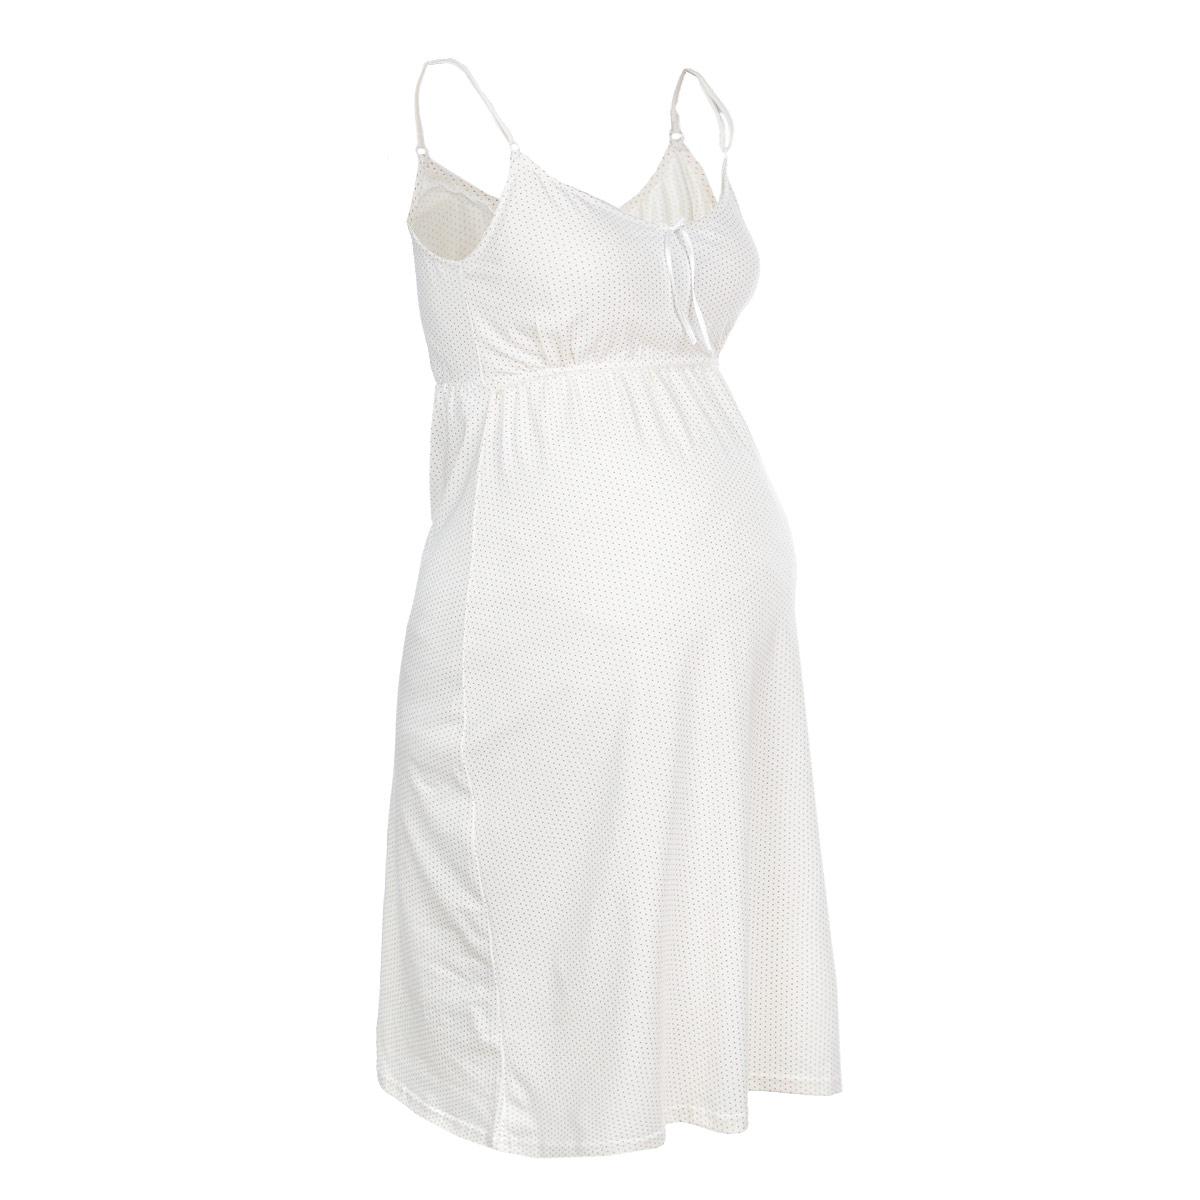 Ночная рубашка24129Удобная, красивая ночная сорочка для беременных и кормящих мам Мамин Дом, изготовленная из натурального хлопка с добавлением эластана, женственна и элегантна. Модель на тонких бретелях оформлена очаровательным принтом в мелкий горох. Бретельки регулируются по длине. Секрет для кормления малыша прикрыт широкой кокеткой, что позволяет в любой момент быстро и легко покормить малыша. Свободный крой позволяет носить ночную сорочку как во время беременности, так и после родов. Такая сорочка сделает отдых будущей мамы комфортным. Сочетается с халатом арт. 25303 Mellow Rose Одежда, изготовленная из хлопка, приятна к телу, сохраняет тепло в холодное время года и дарит прохладу в теплое, позволяет коже дышать.